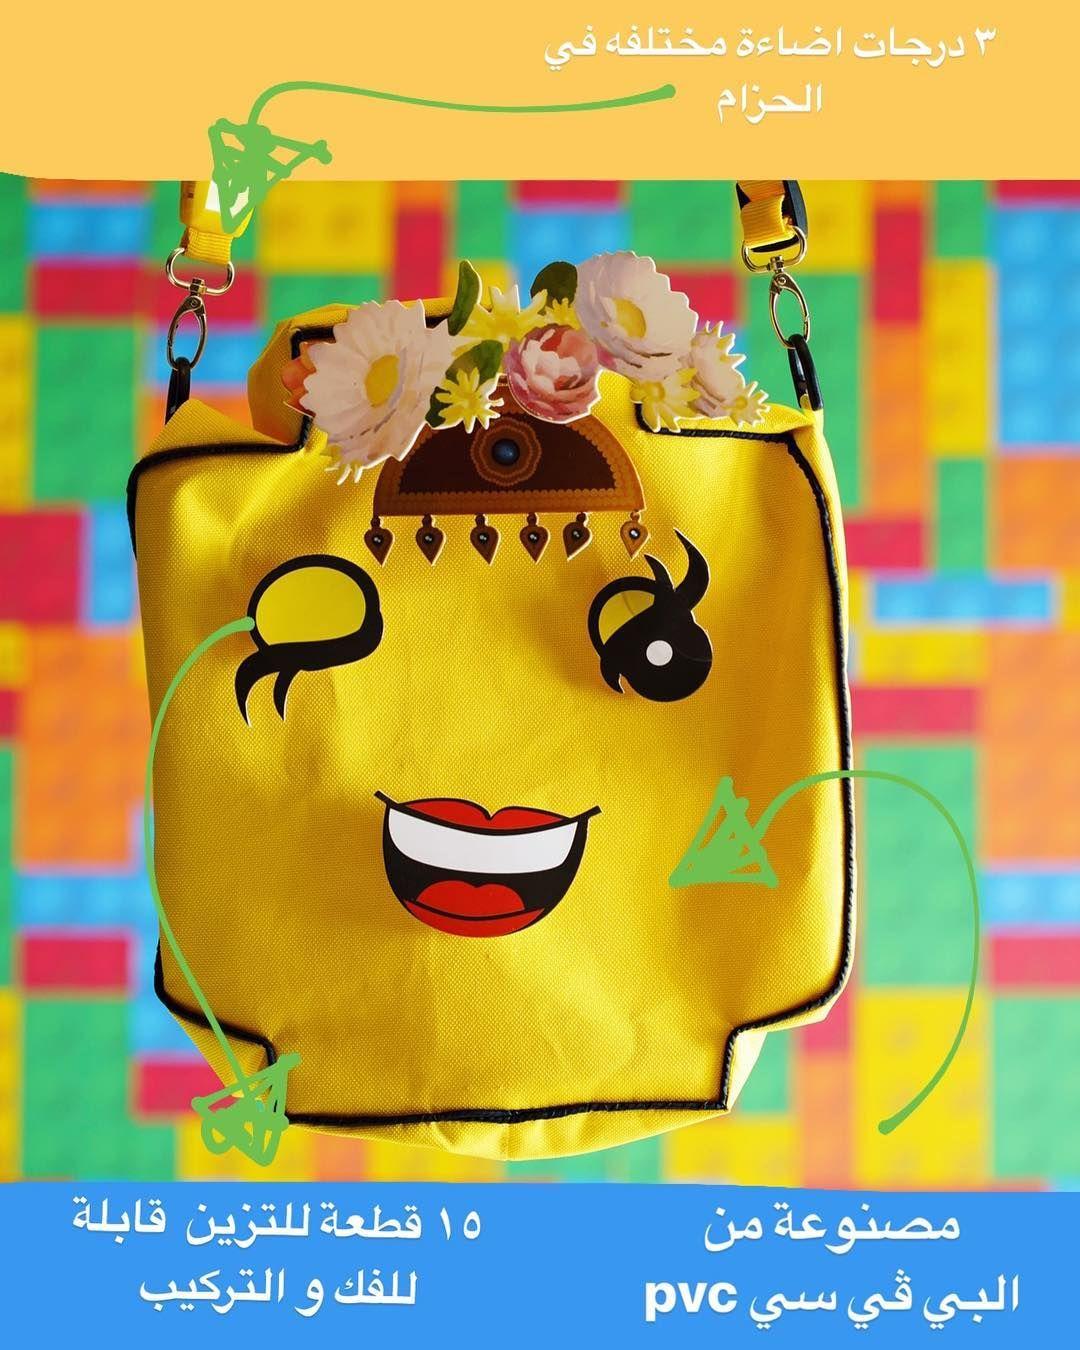 مب بس للقرنقعوة لطول السنة السعر ريال Lunch Box Bags Instagram